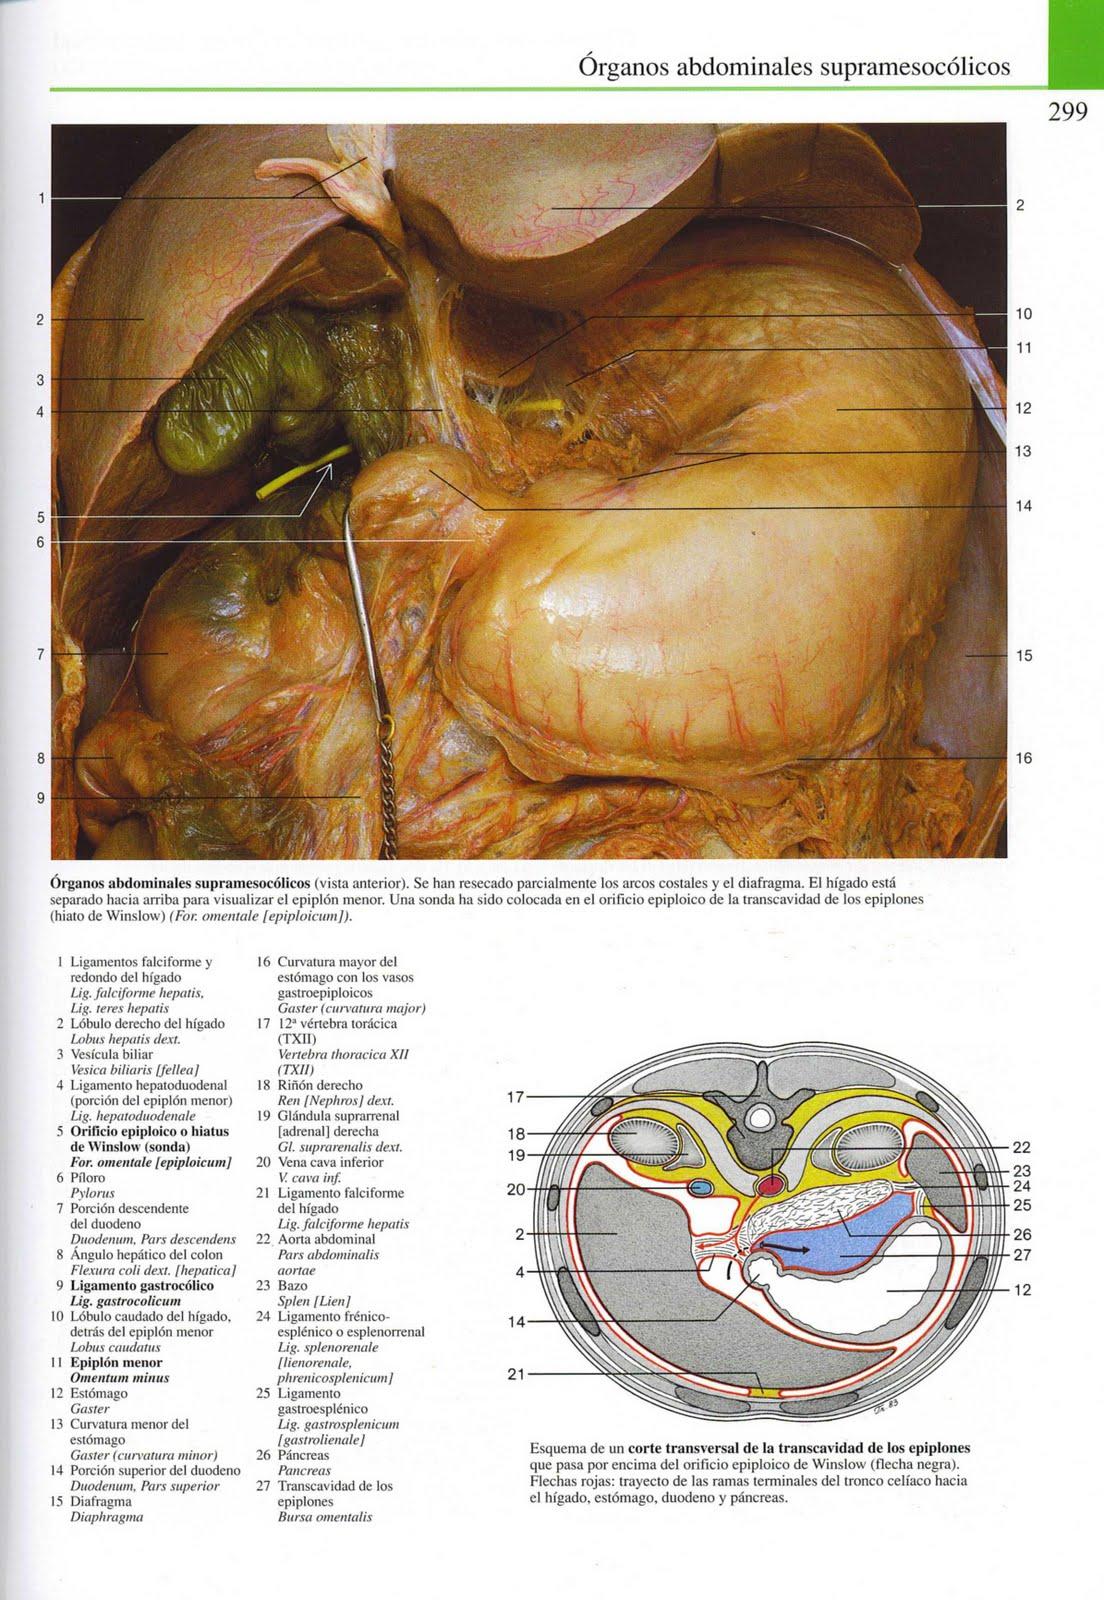 MariaJose: Atlas Fotografico de Anatomia del Cuerpo Humano.